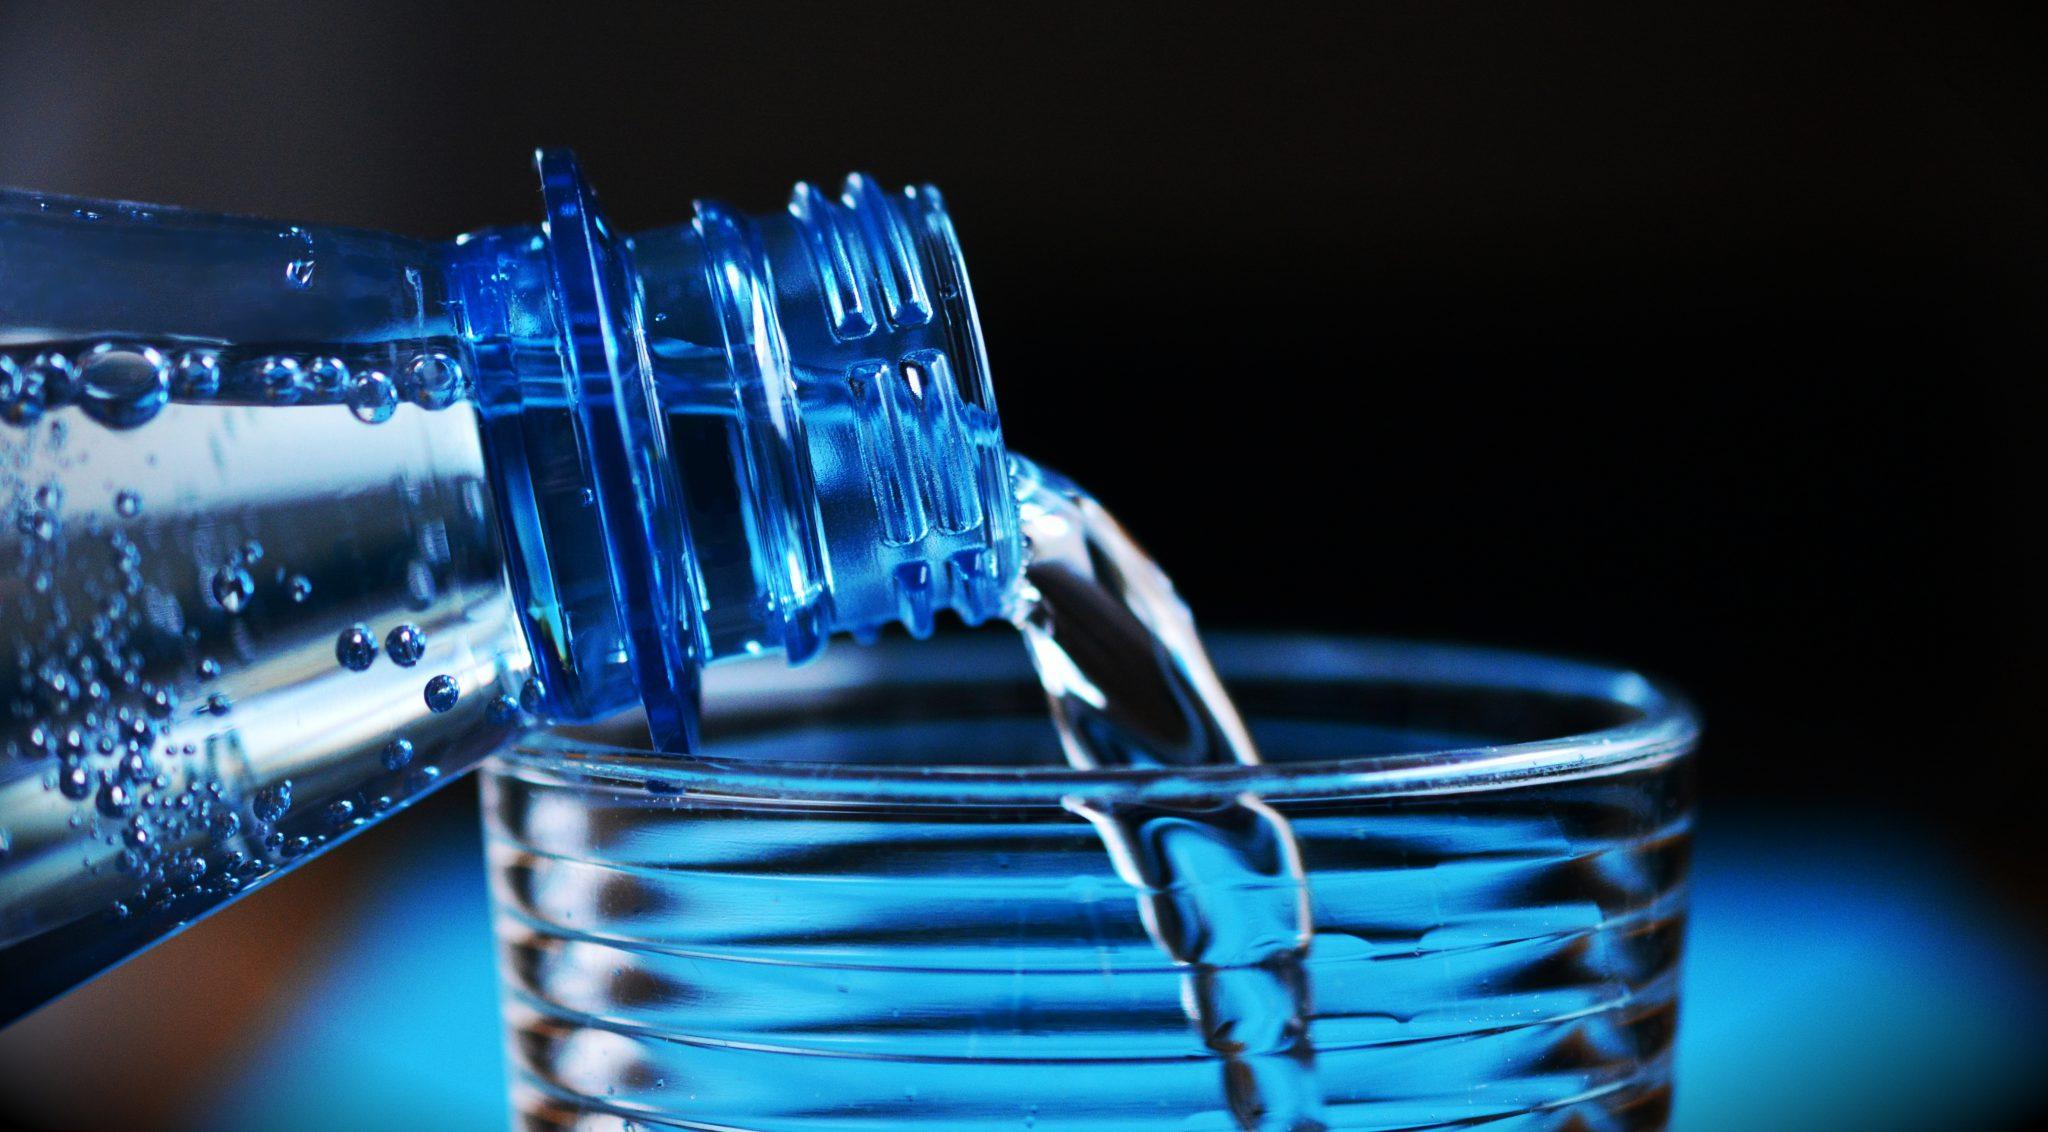 Gestión de riesgos: ¿Por cuánto dinero beberías agua de un extraño?